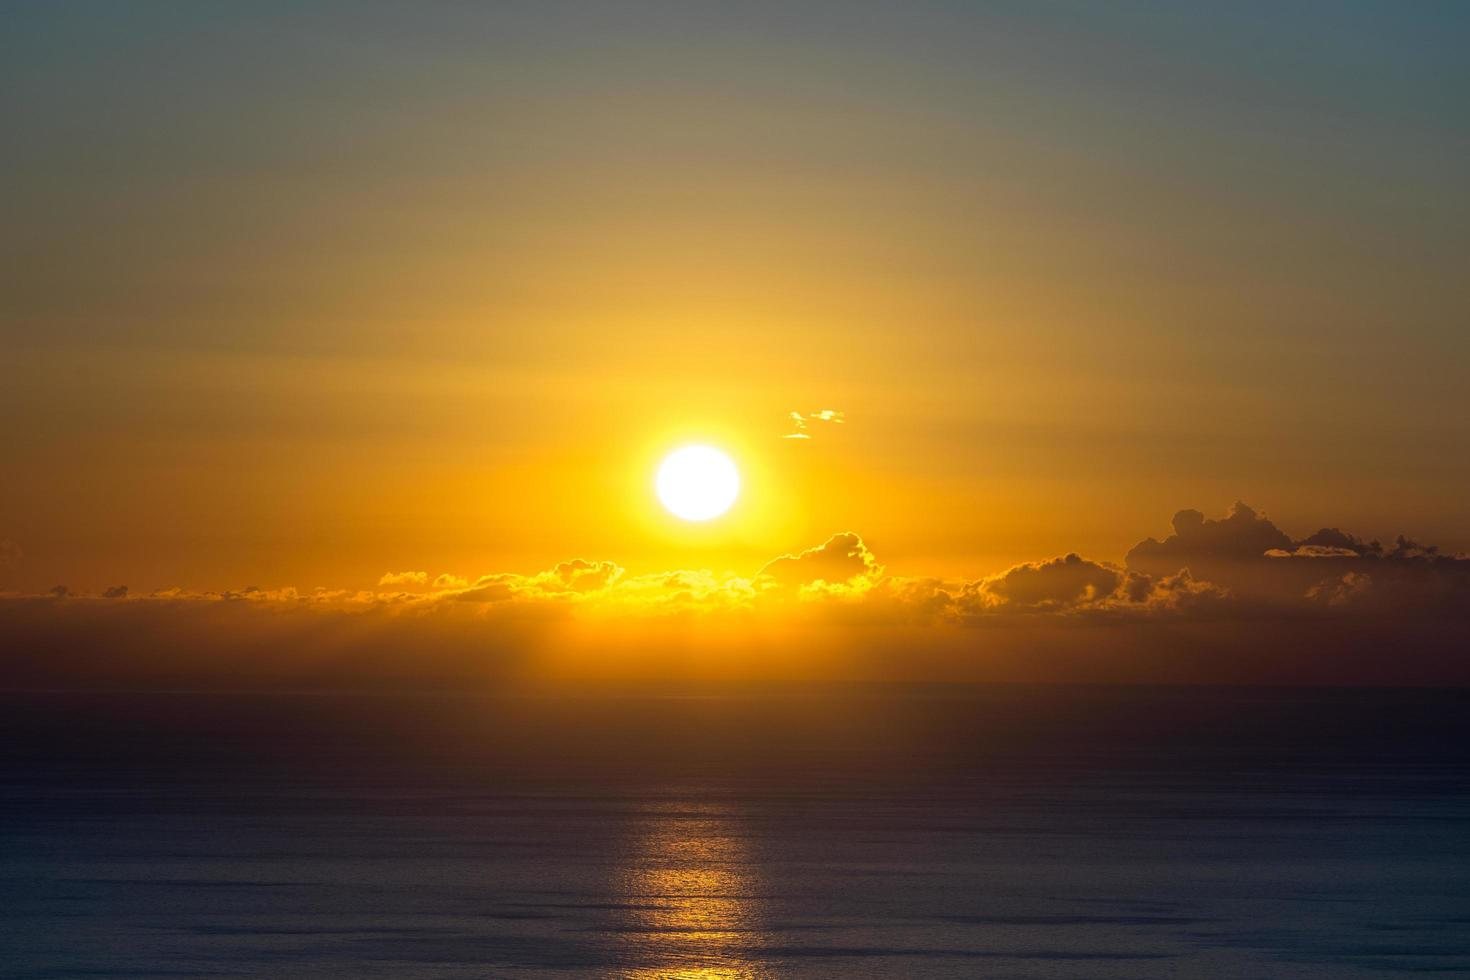 luminoso tramonto sul mare da foto